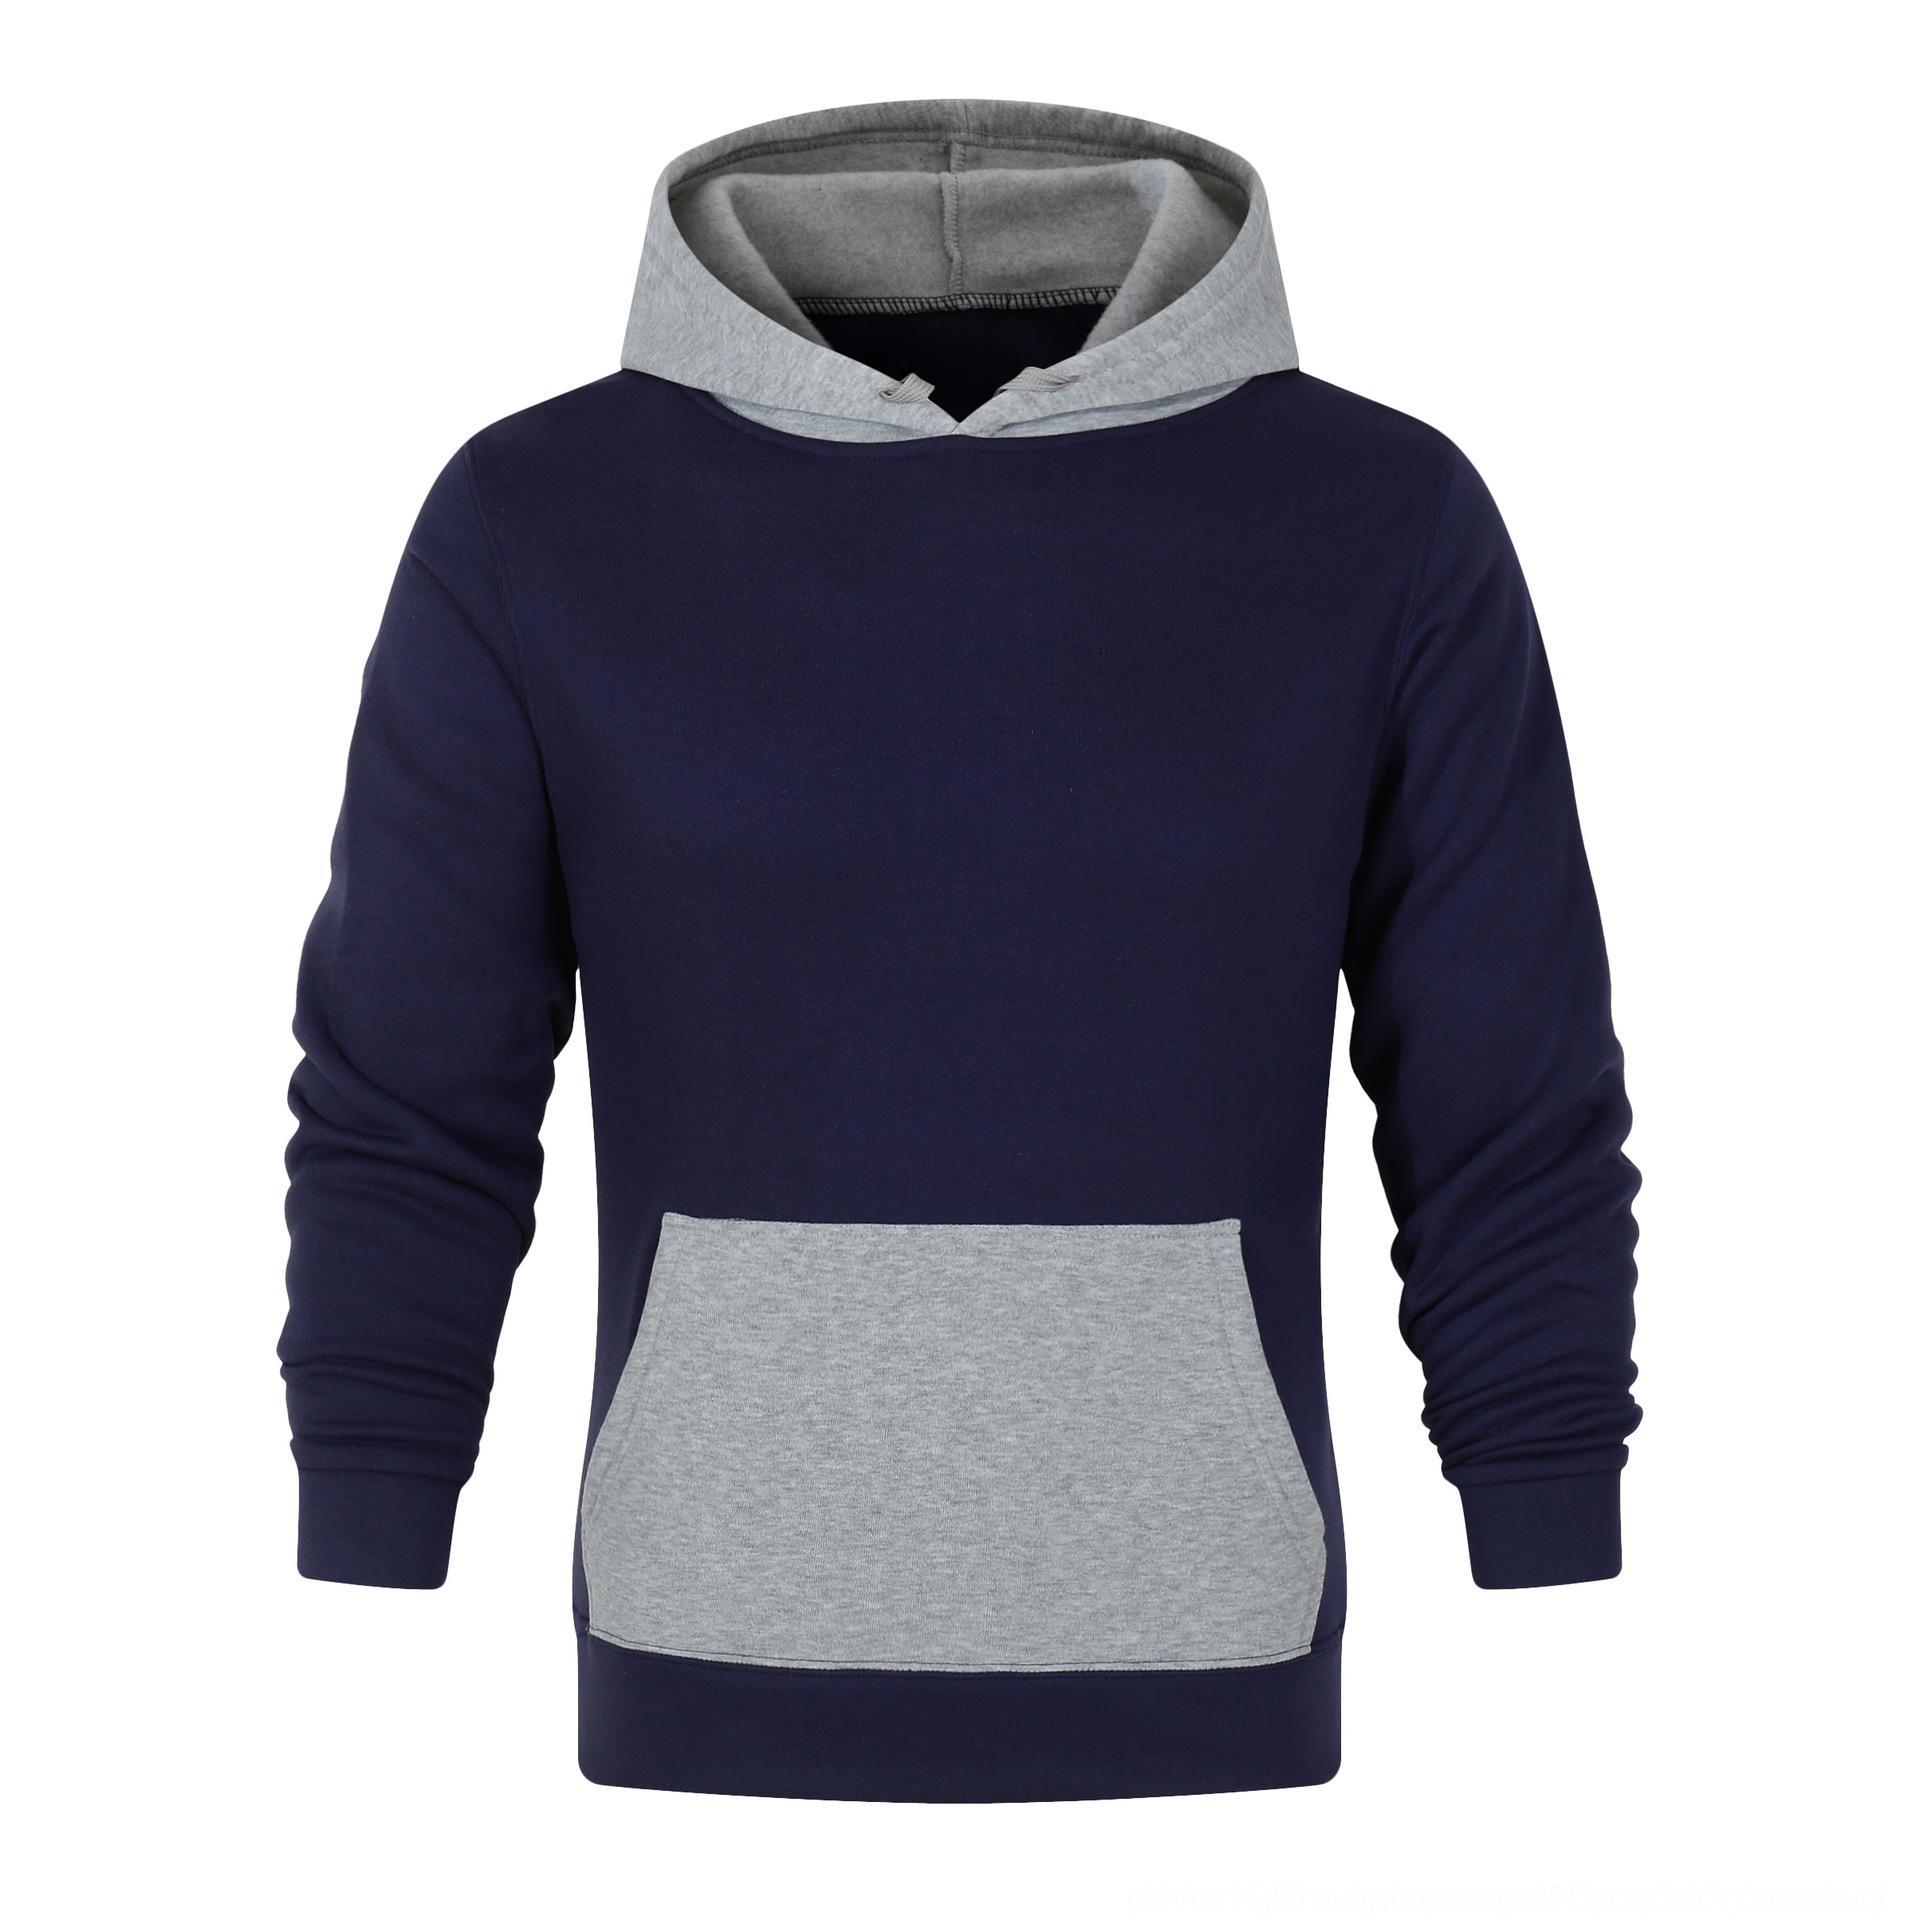 Color del contraste del color sólido 441gr de los hombres con capucha en blanco otoño de ropa deportiva ropa deportiva suéter con capucha de impresión DH1Yq